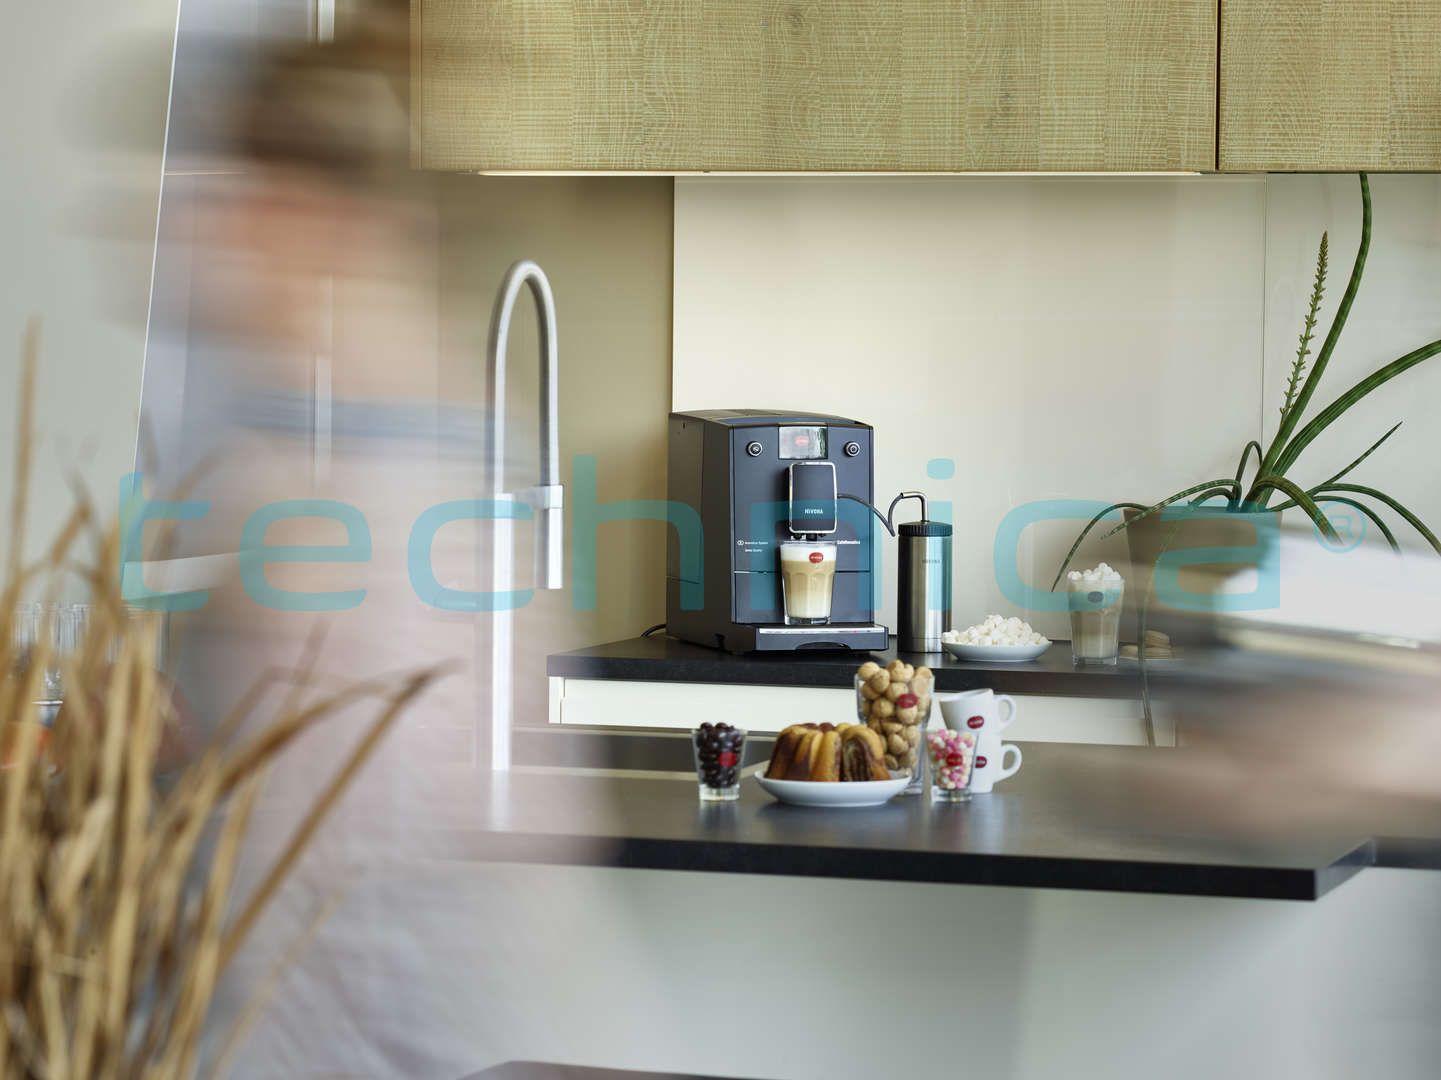 Ekspres Do Kawy 759 Z Wyjmowanym Zbiornikiem Wody 2 2 L 1 455 Kw 240x460x340 Mm Nivona Cafe Romatica 759 Floating Shelves Shelves Home Decor